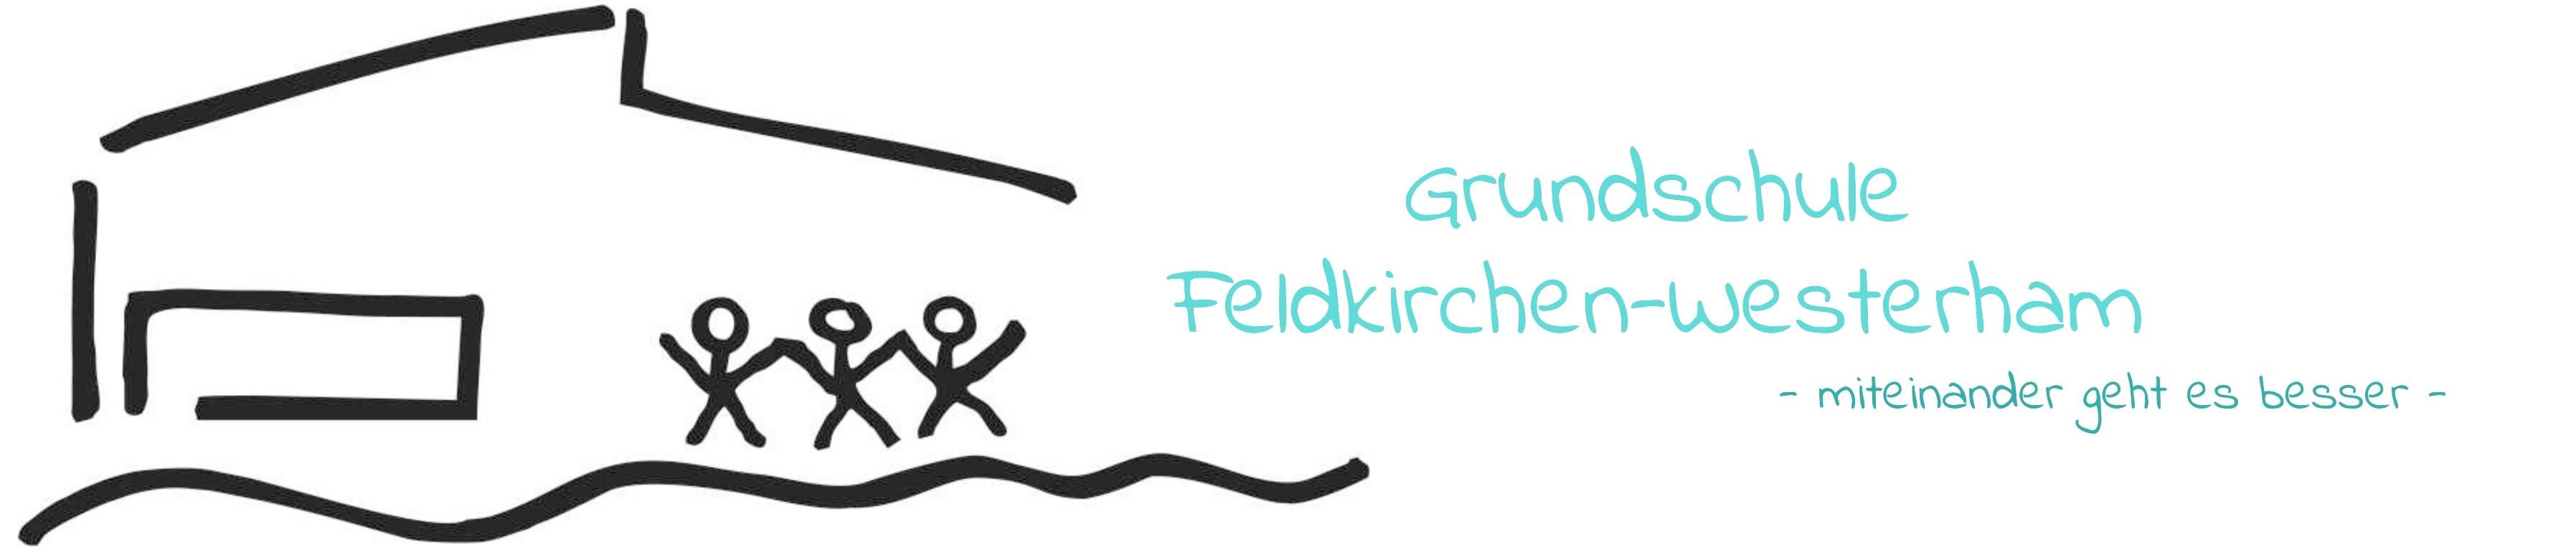 Grundschule Feldkirchen-Westerham